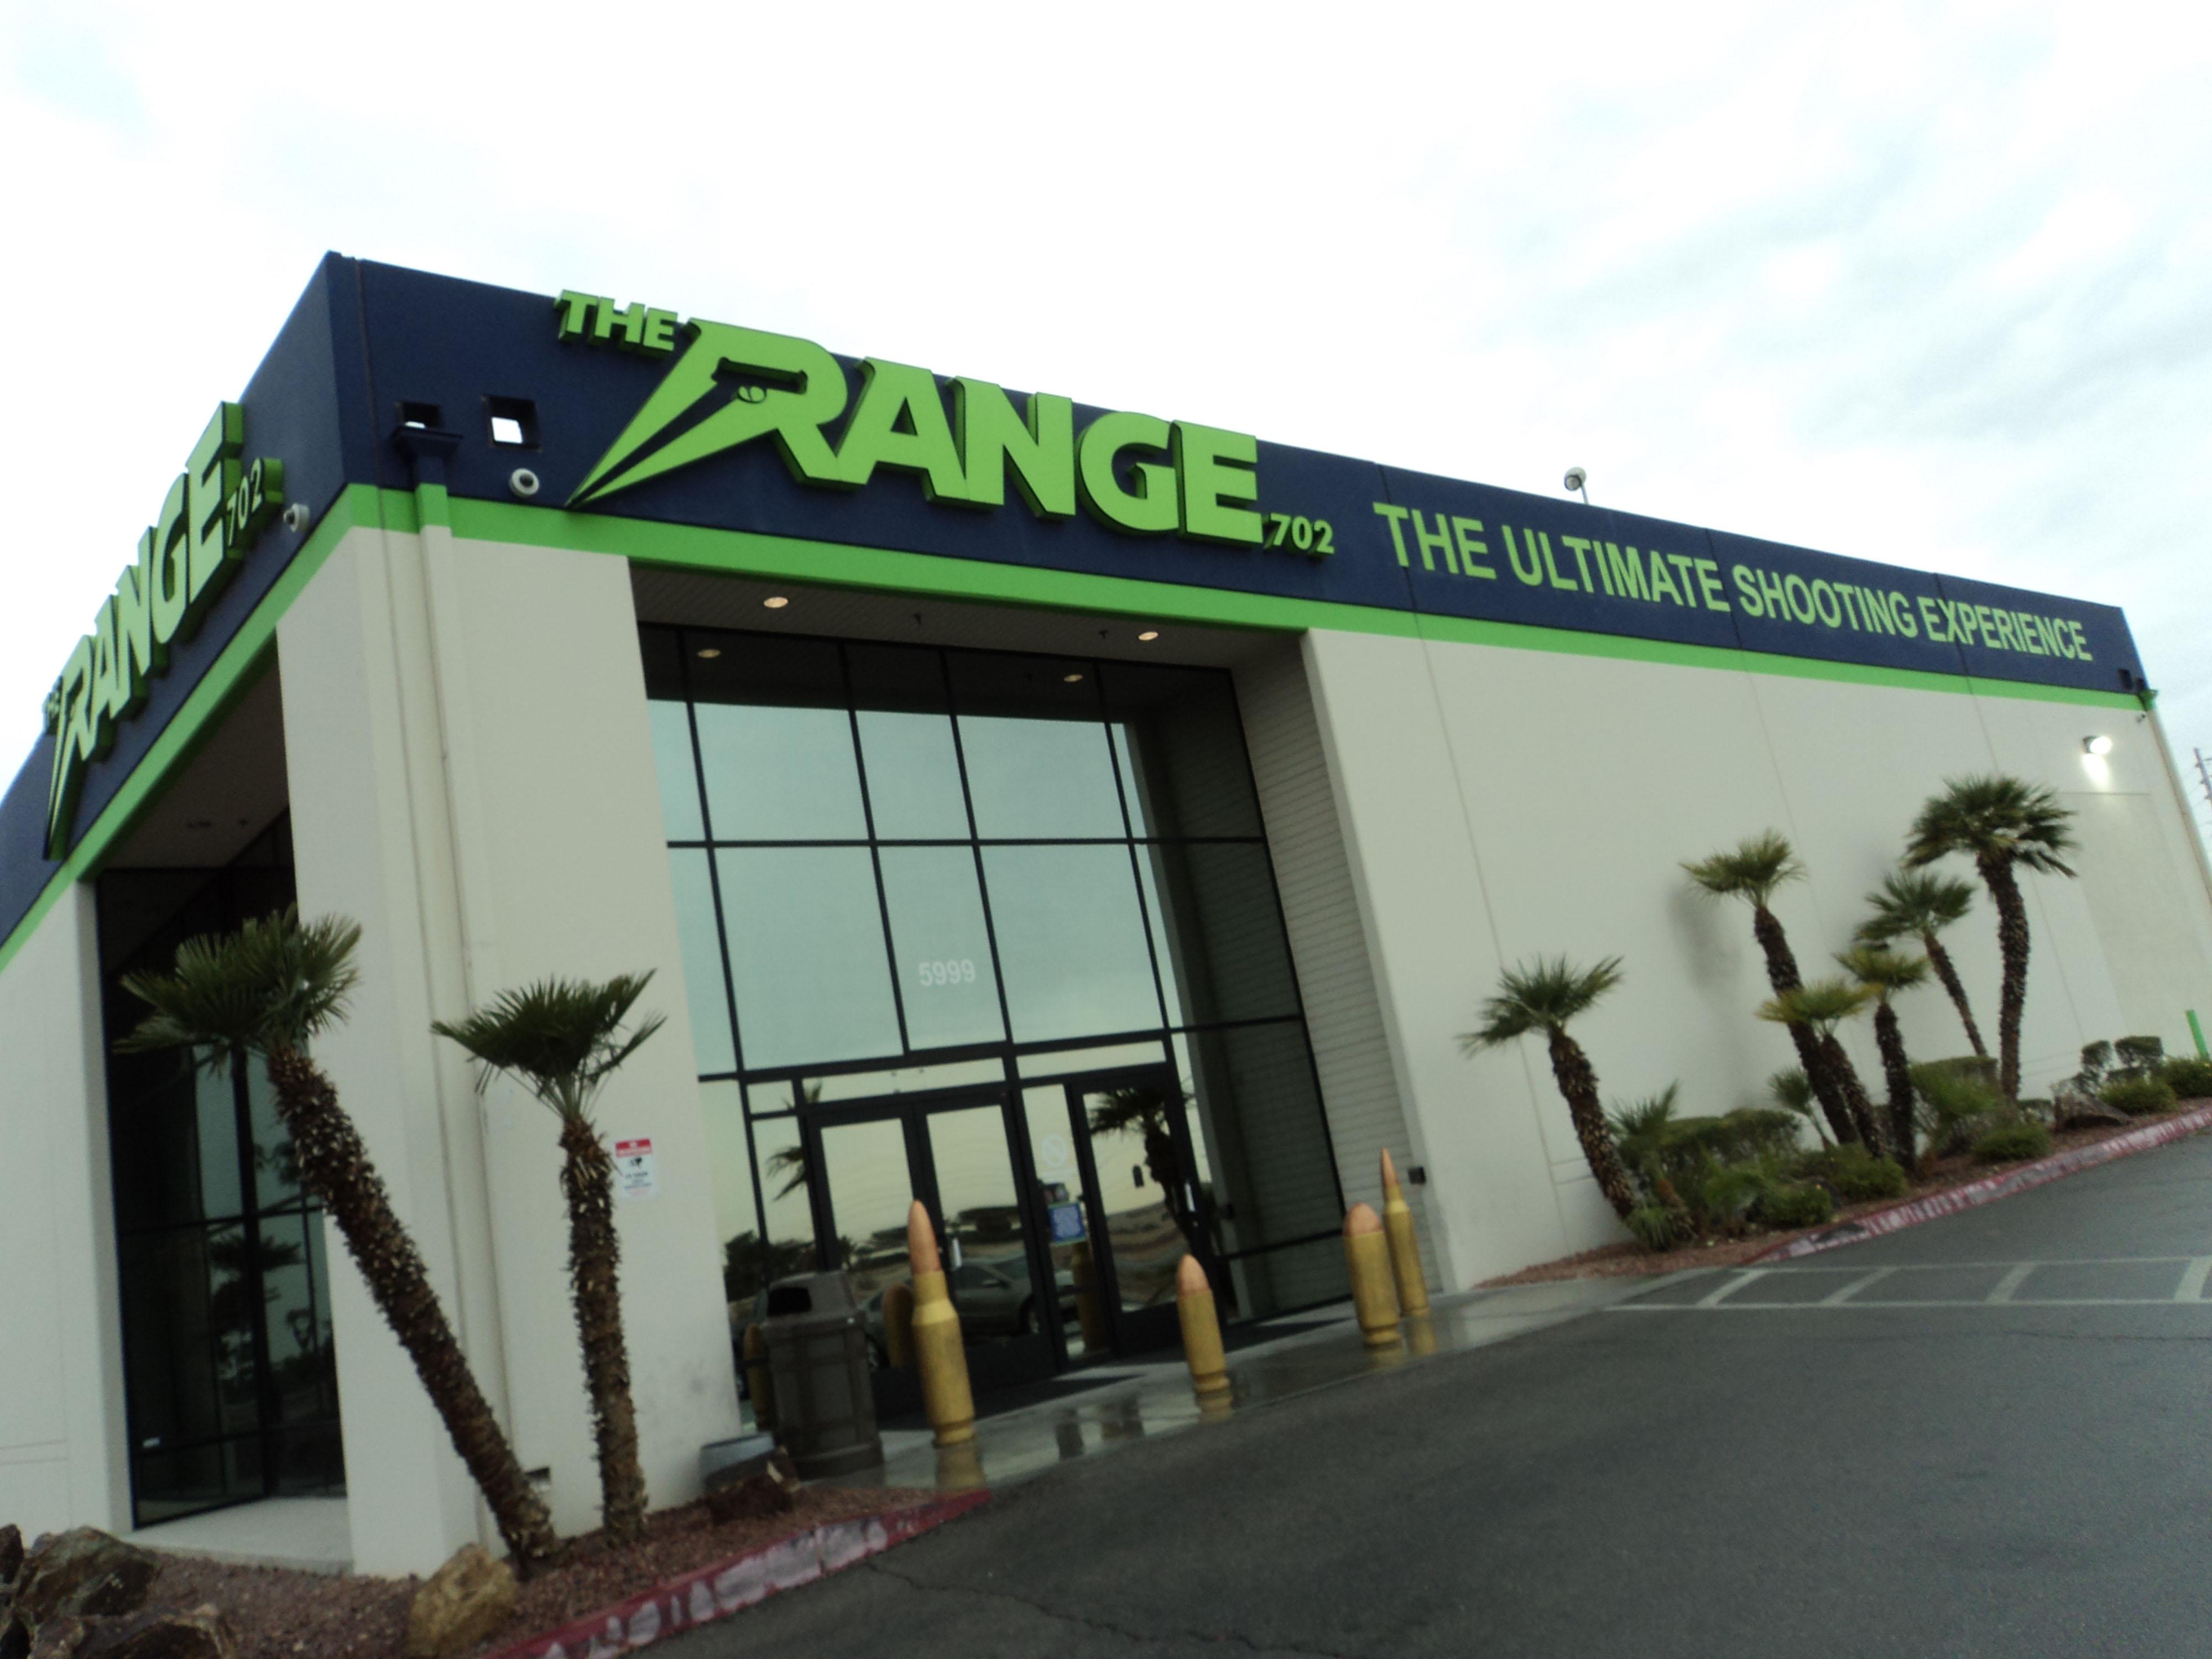 The Range 702